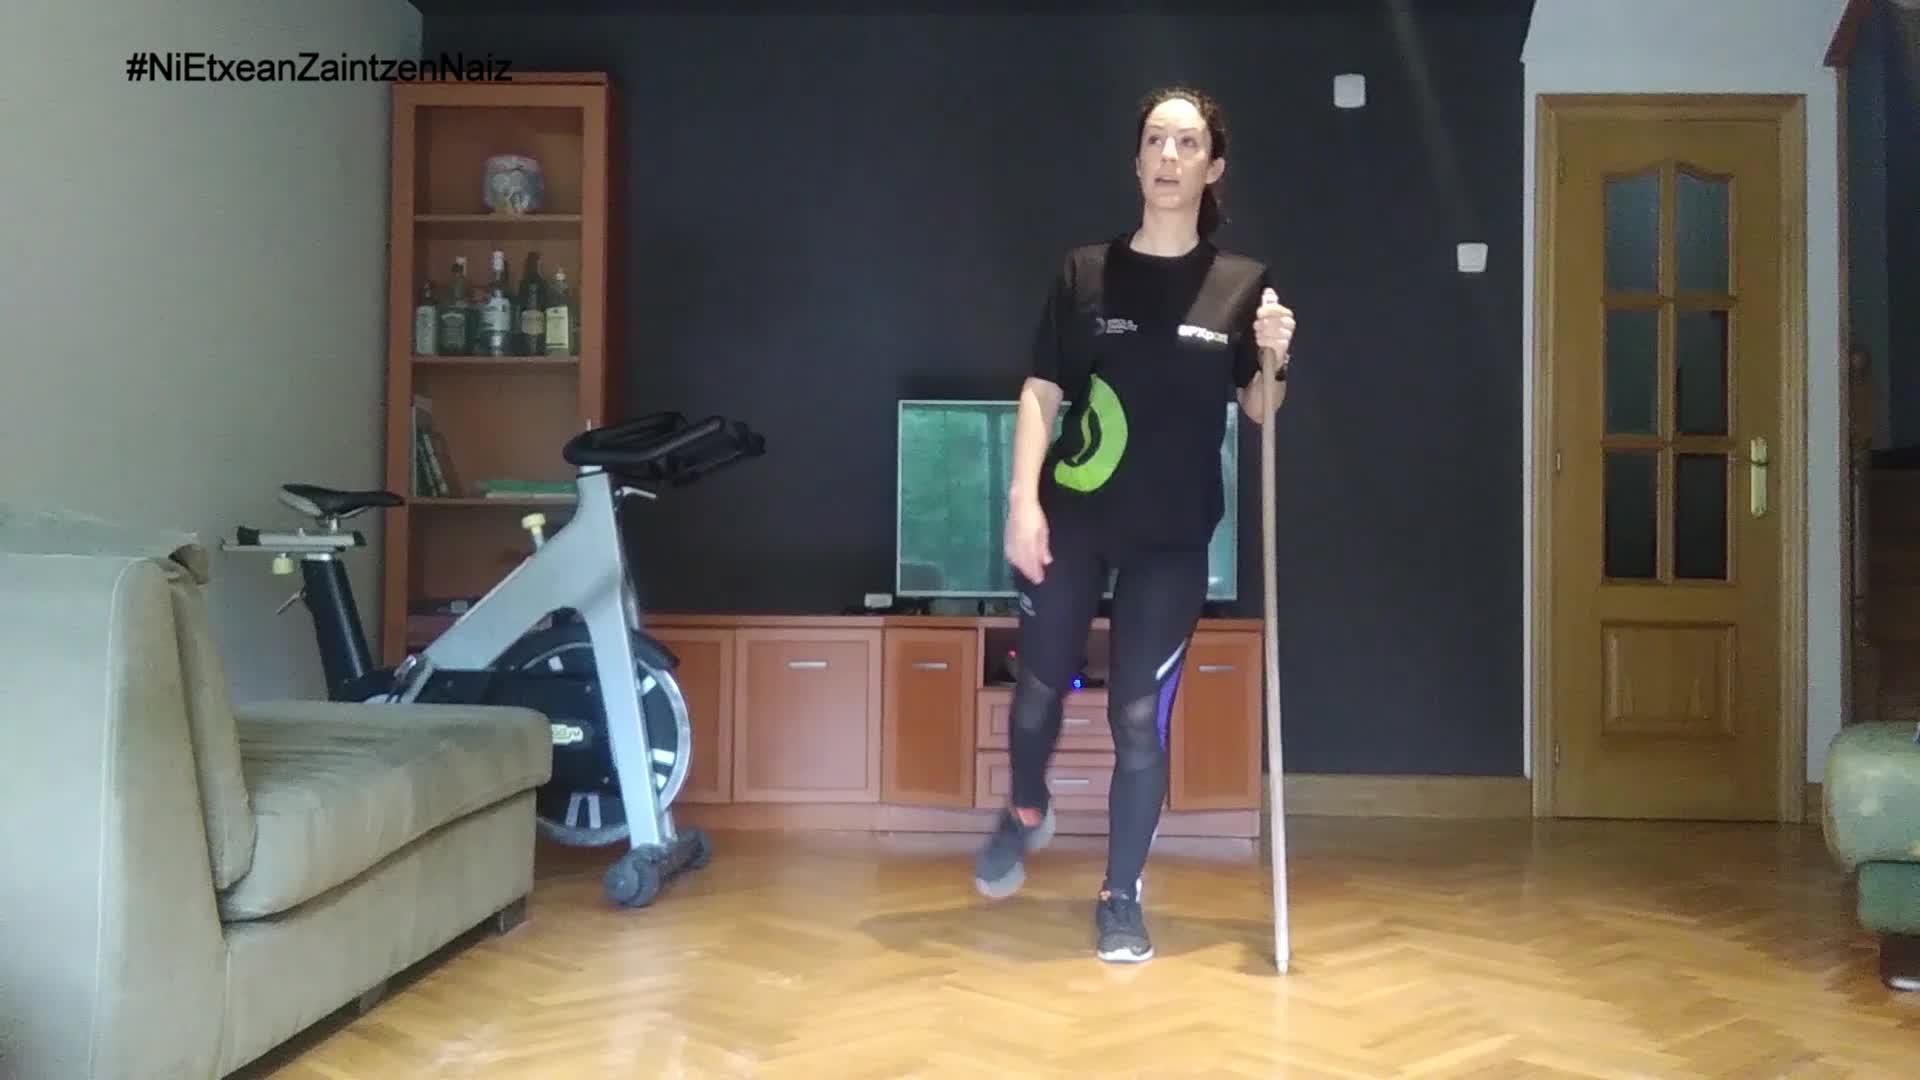 #NiEtxeanZaintzenNaiz: Zarauzko kiroldegiko begiraleen adinekoen 37. saioa